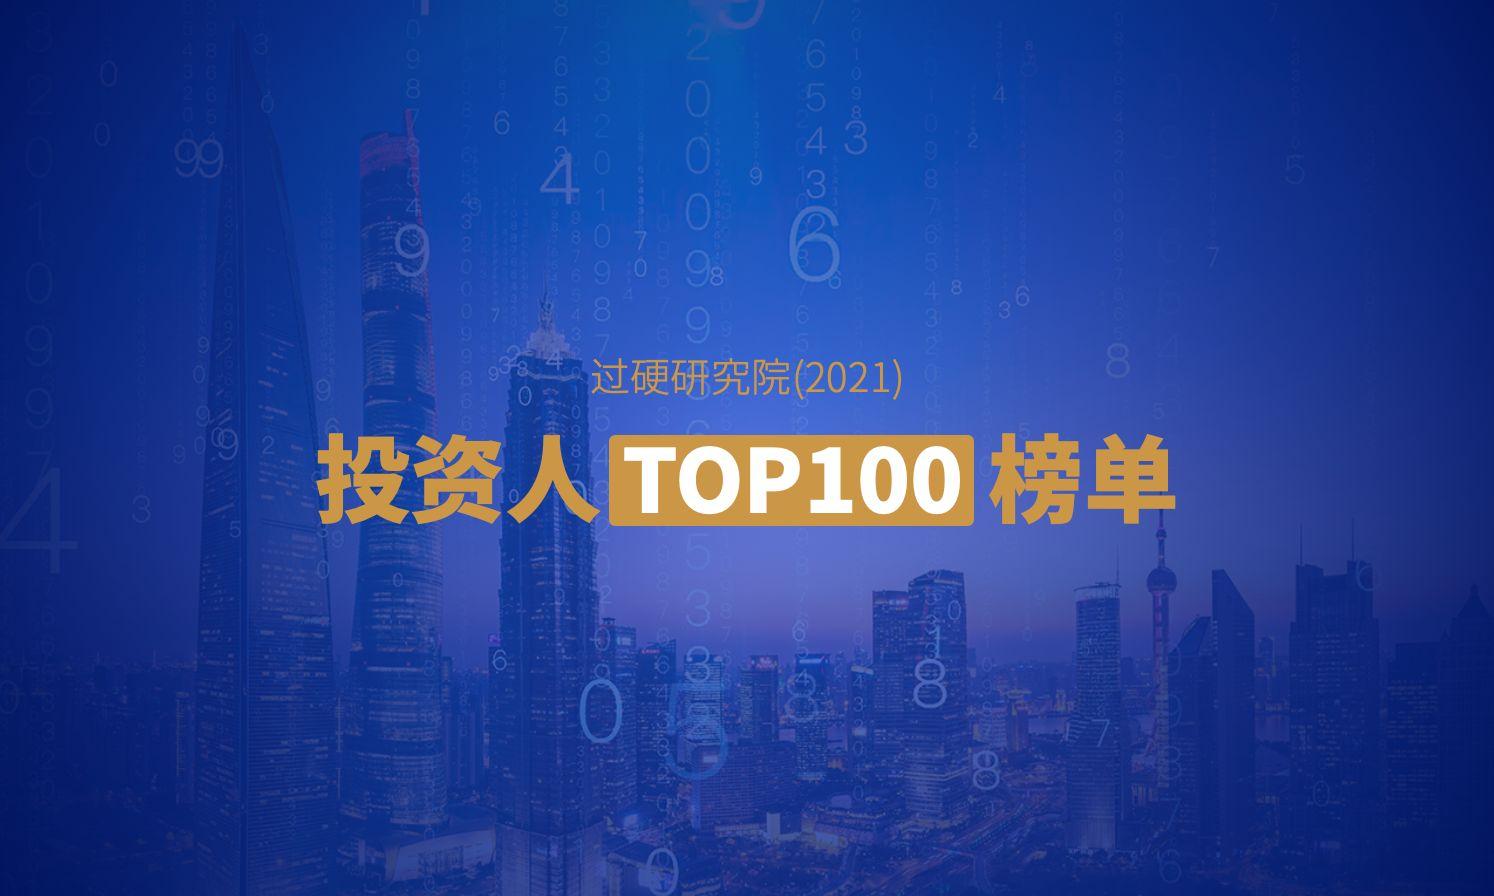 重磅!过硬发布2021中国投资人排名TOP100榜单